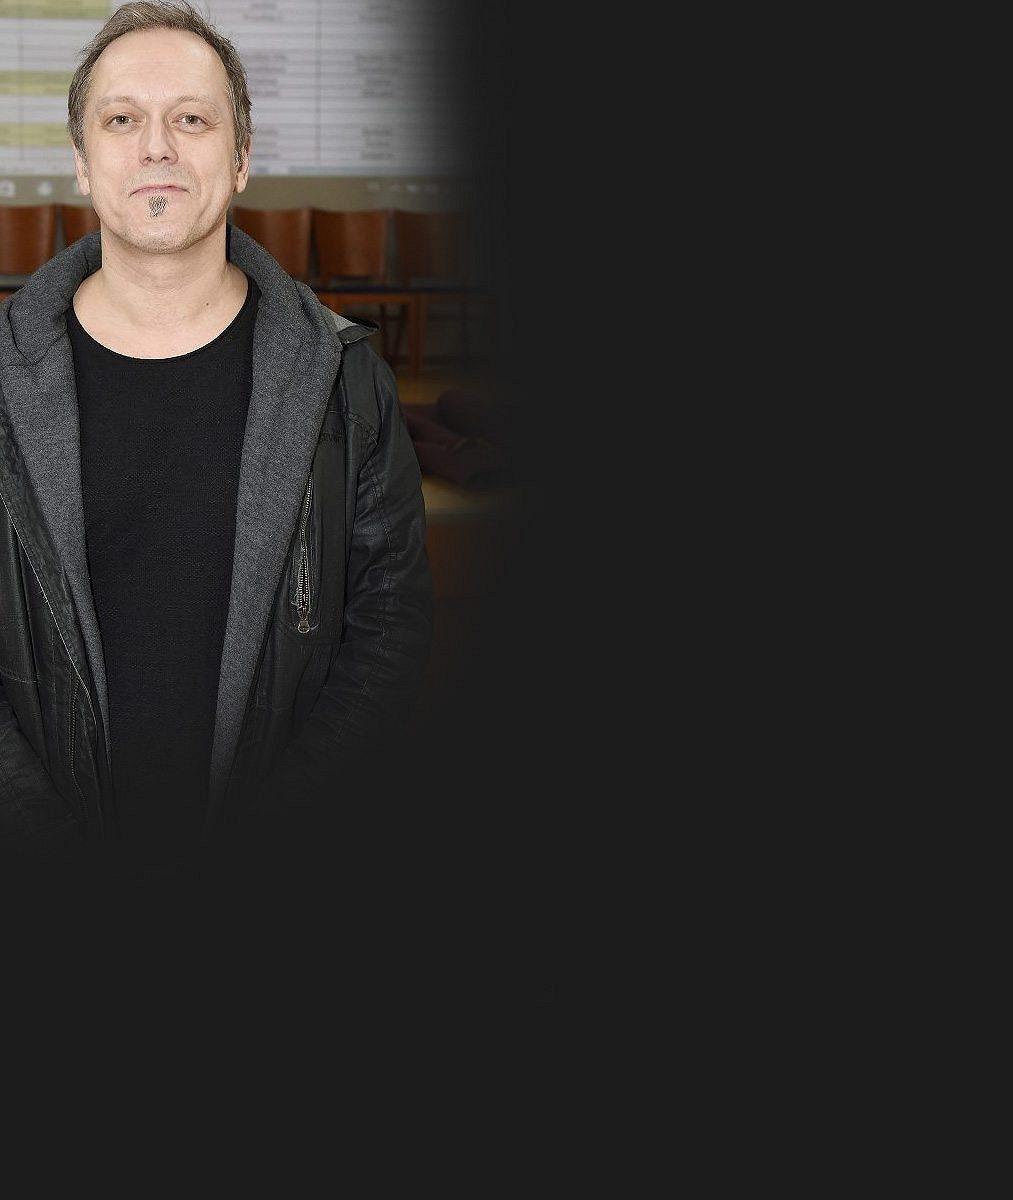 Zpěvák Viktor Dyk se exkluzivně pochlubil vnučkou: Jsem rád, že jsem se Nelinky vůbec dožil